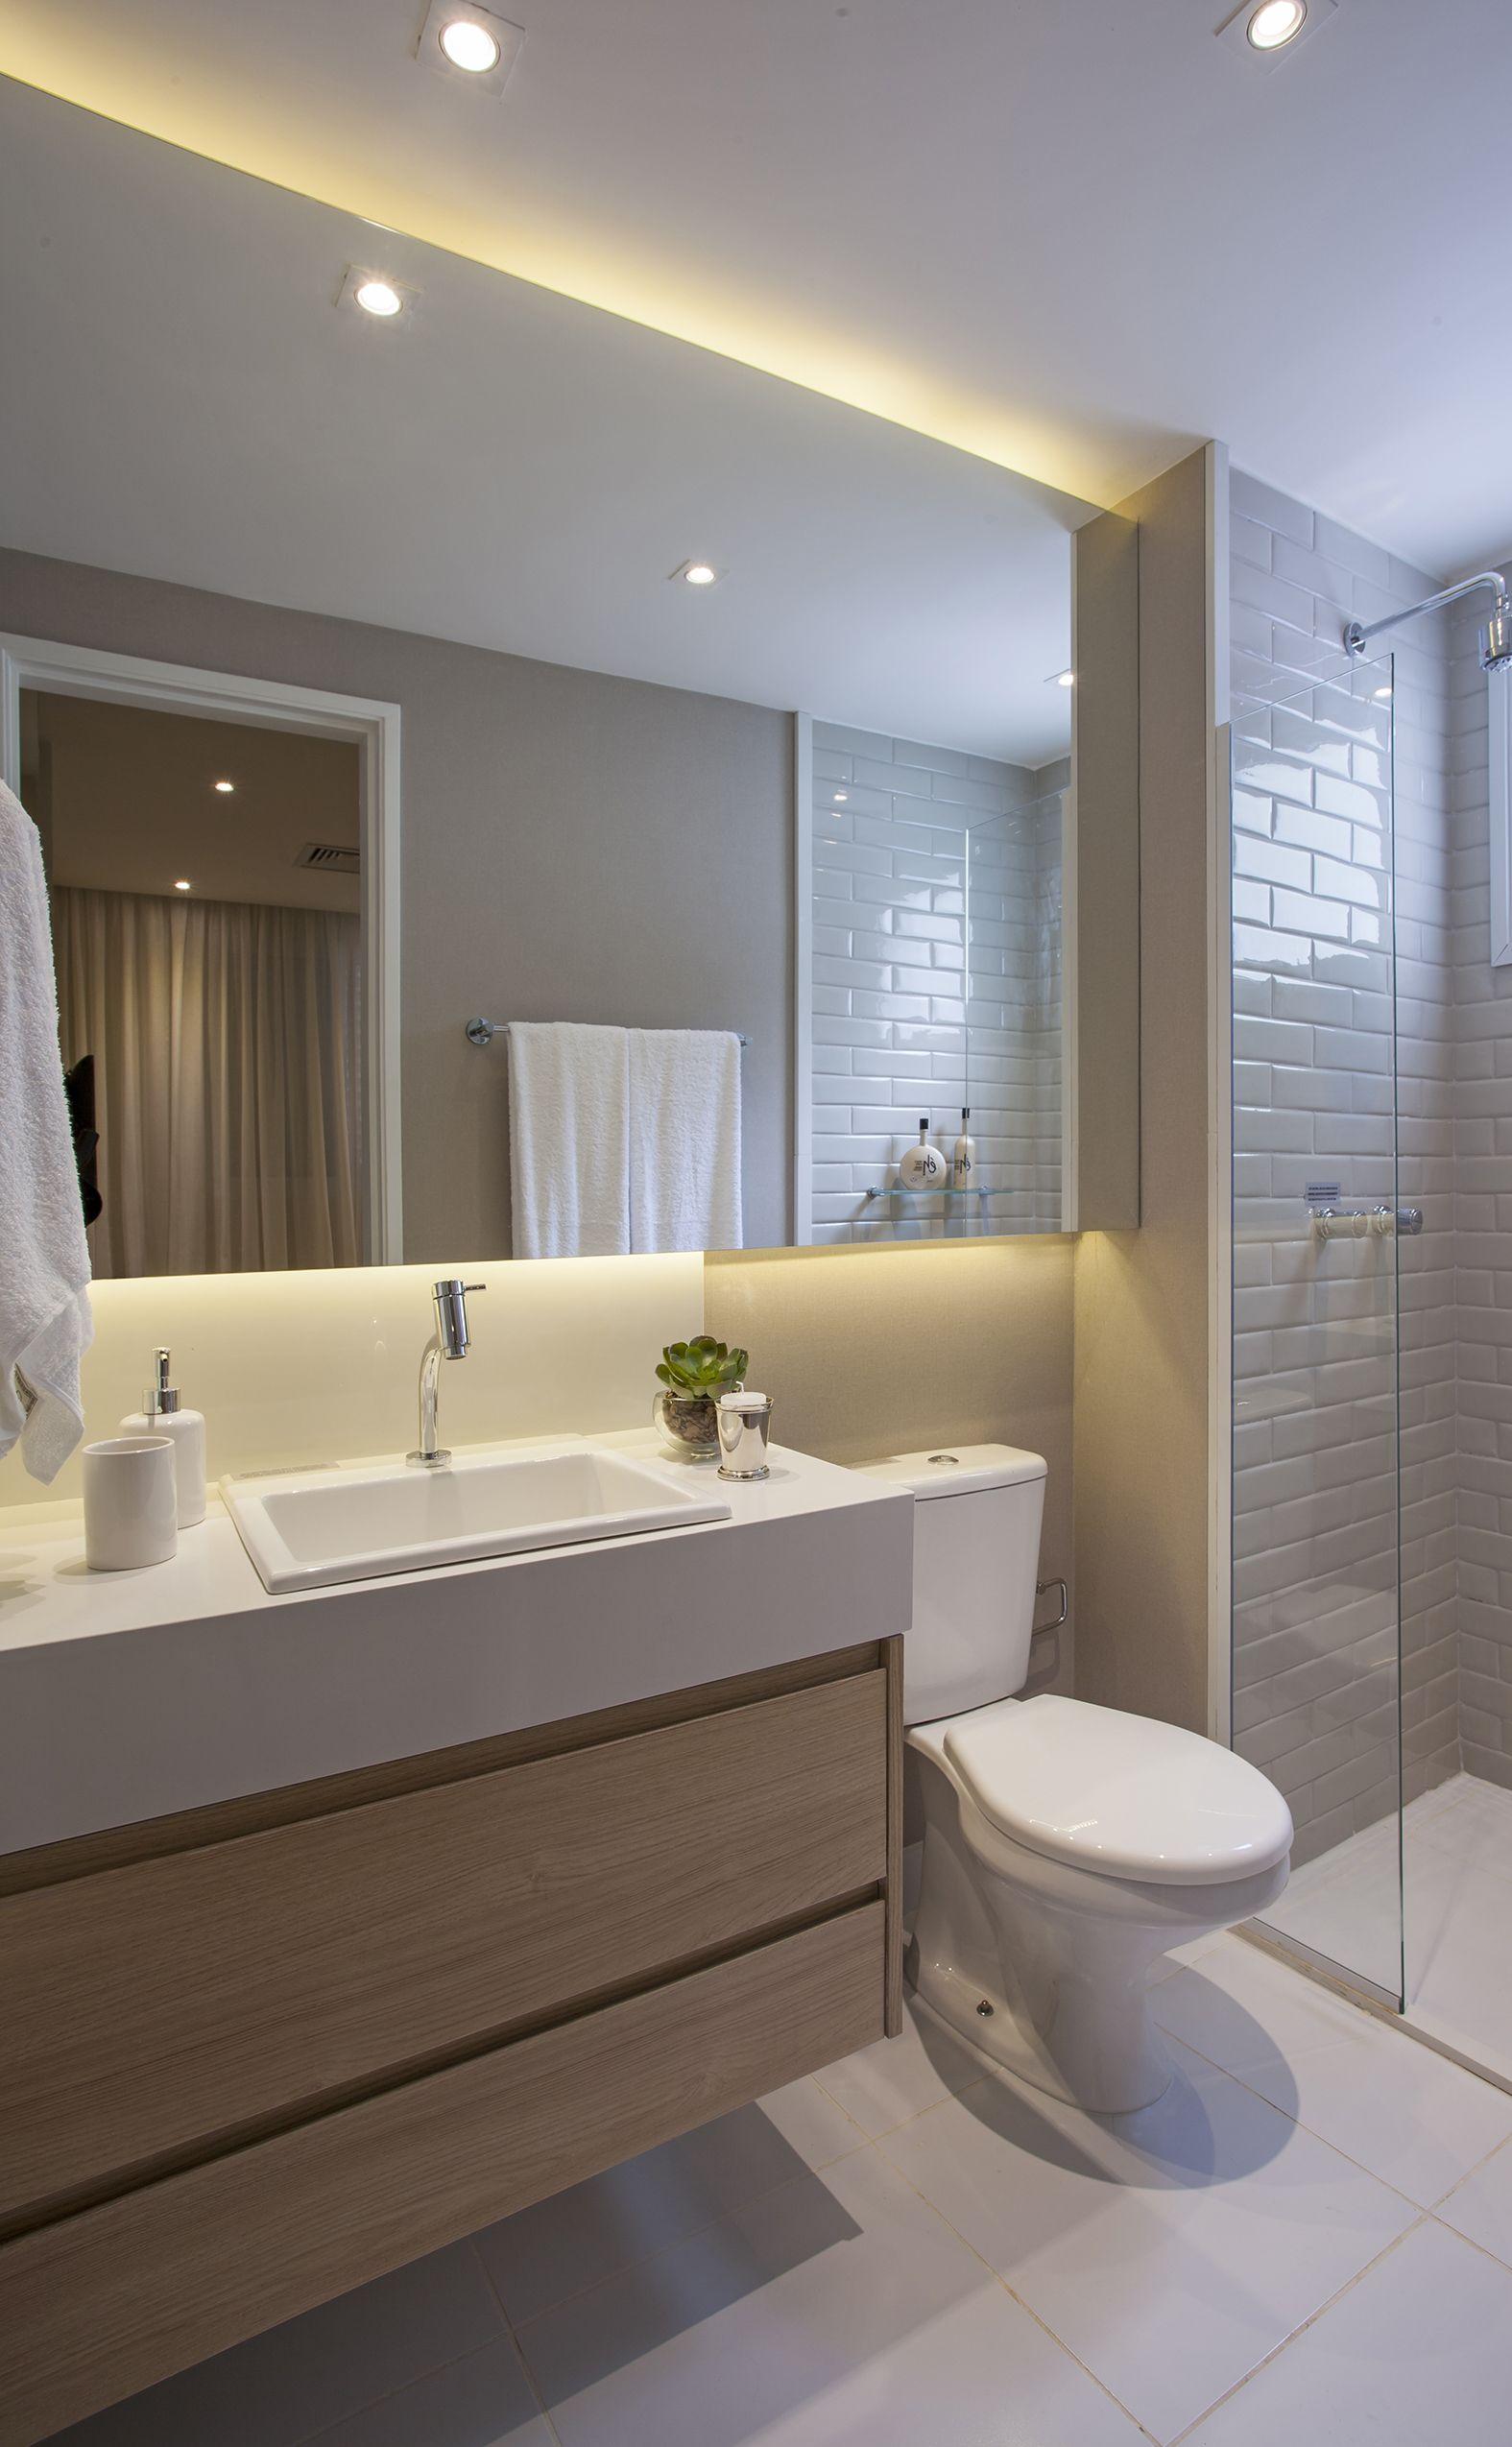 Milhares de imagens, infinitas inspirações para sua casa  Banheiro PortoBel -> Decoracao Banheiro Portobello